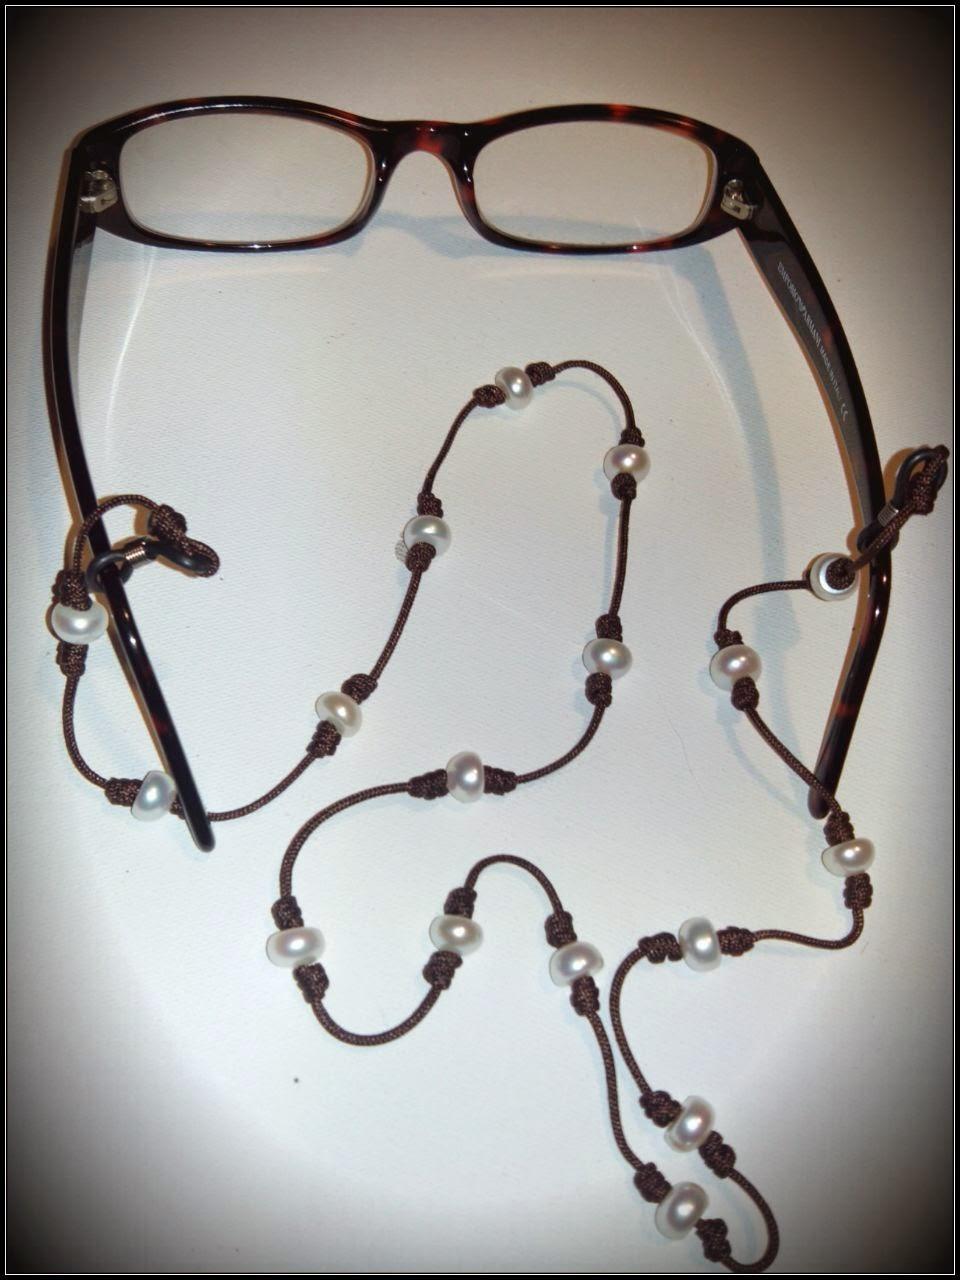 Collar de perlas para las gafas, artesanal personalizado